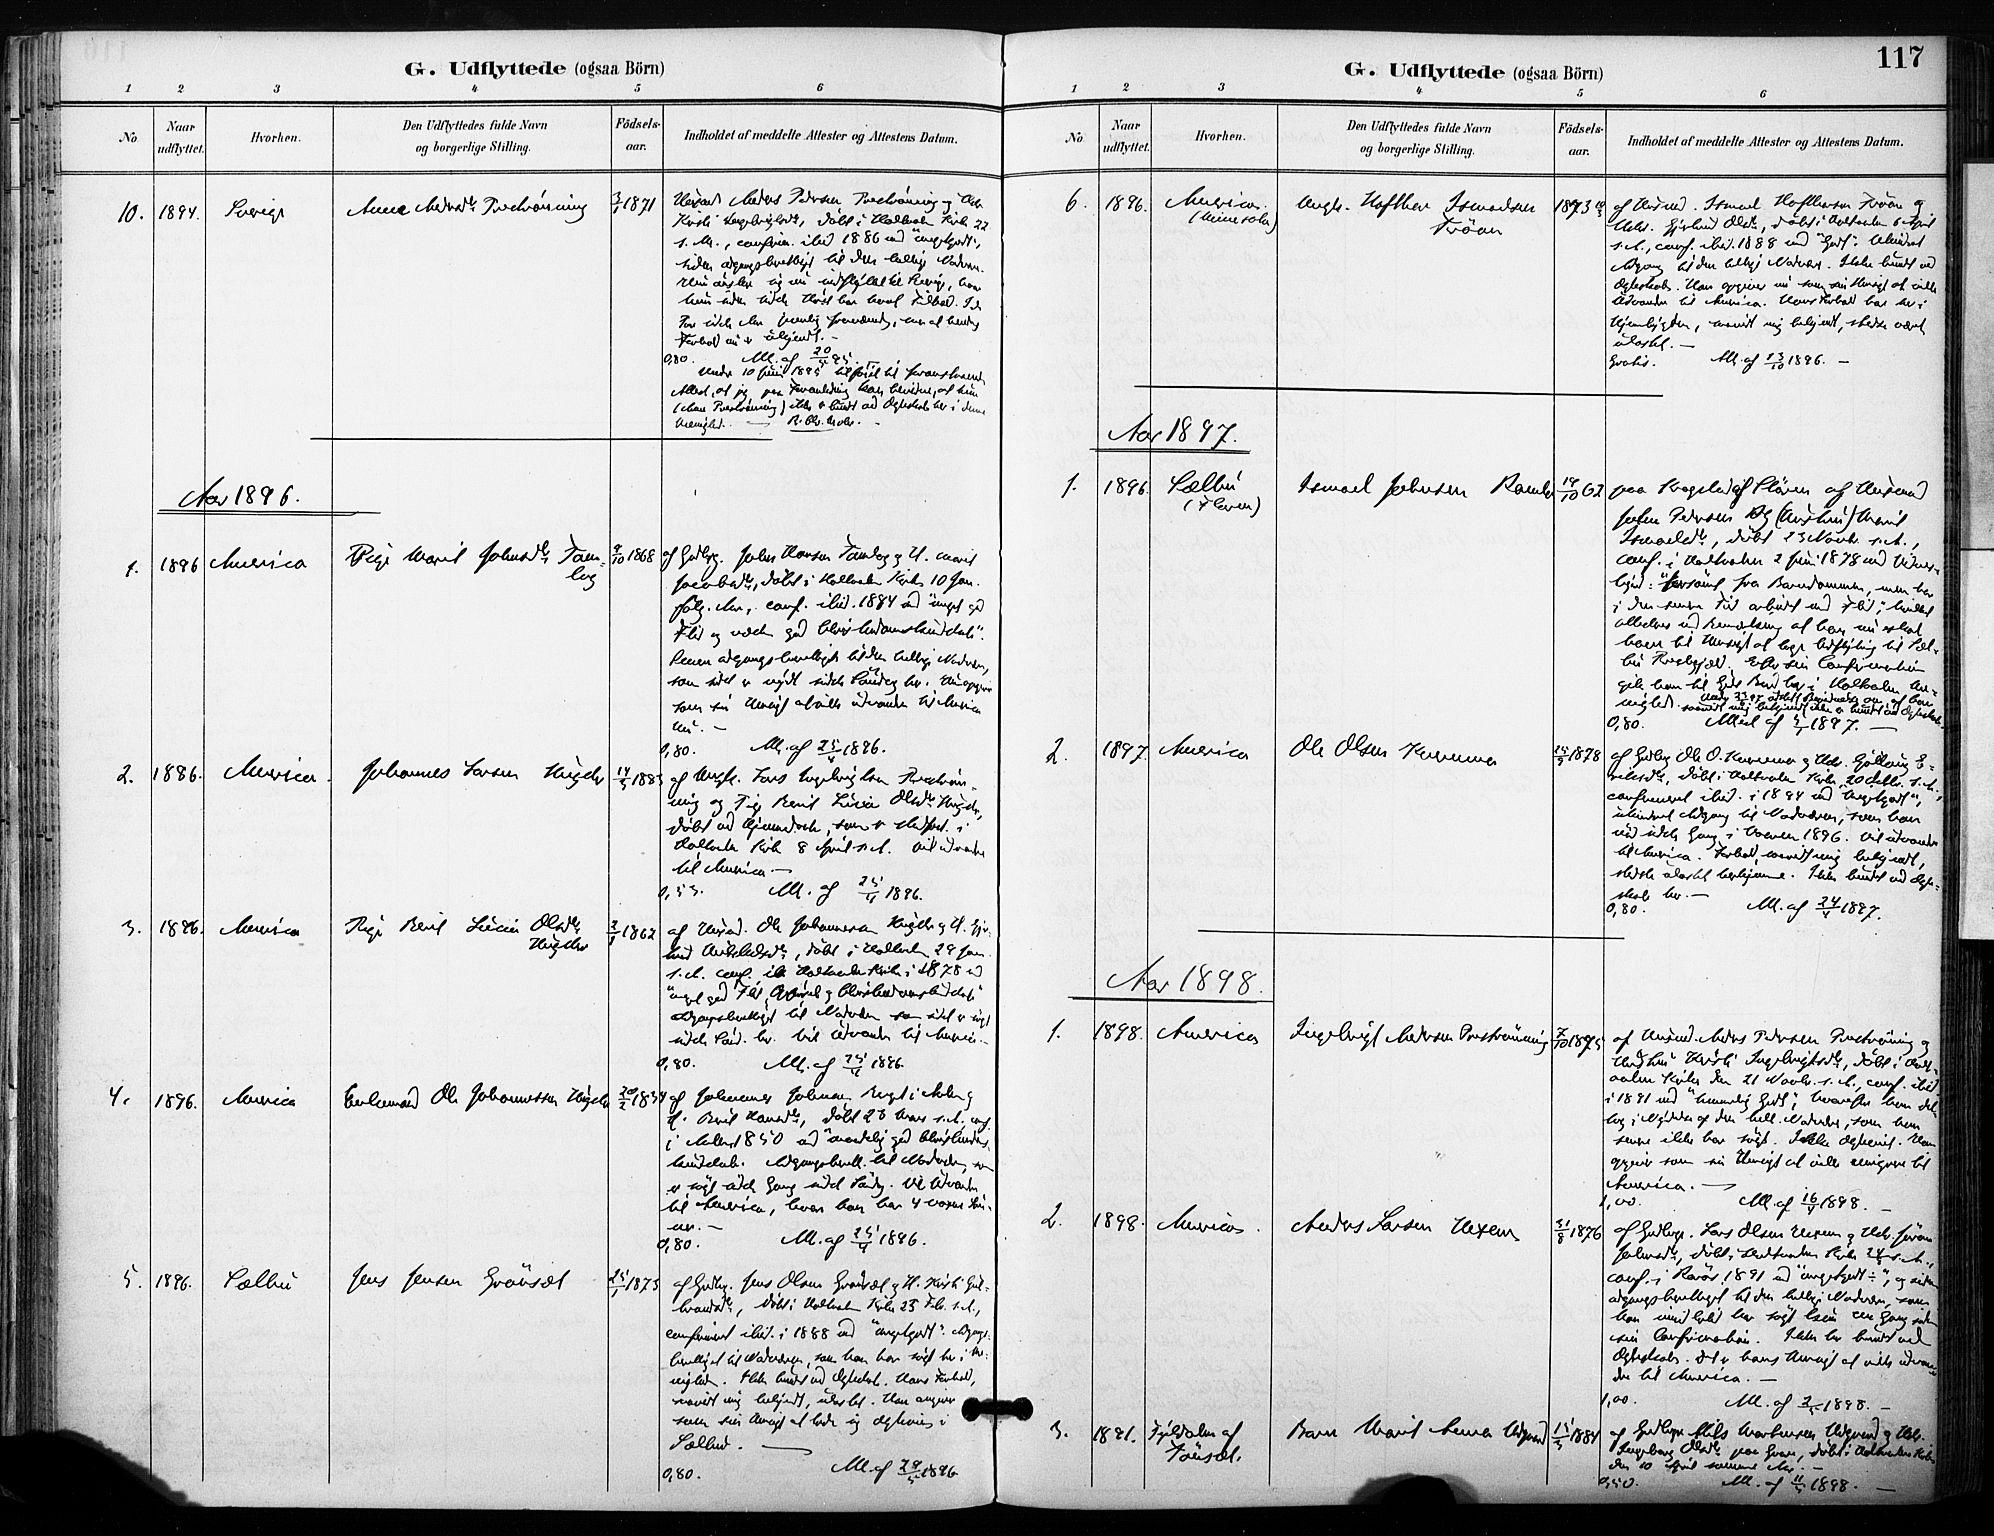 SAT, Ministerialprotokoller, klokkerbøker og fødselsregistre - Sør-Trøndelag, 685/L0973: Ministerialbok nr. 685A10, 1891-1907, s. 117